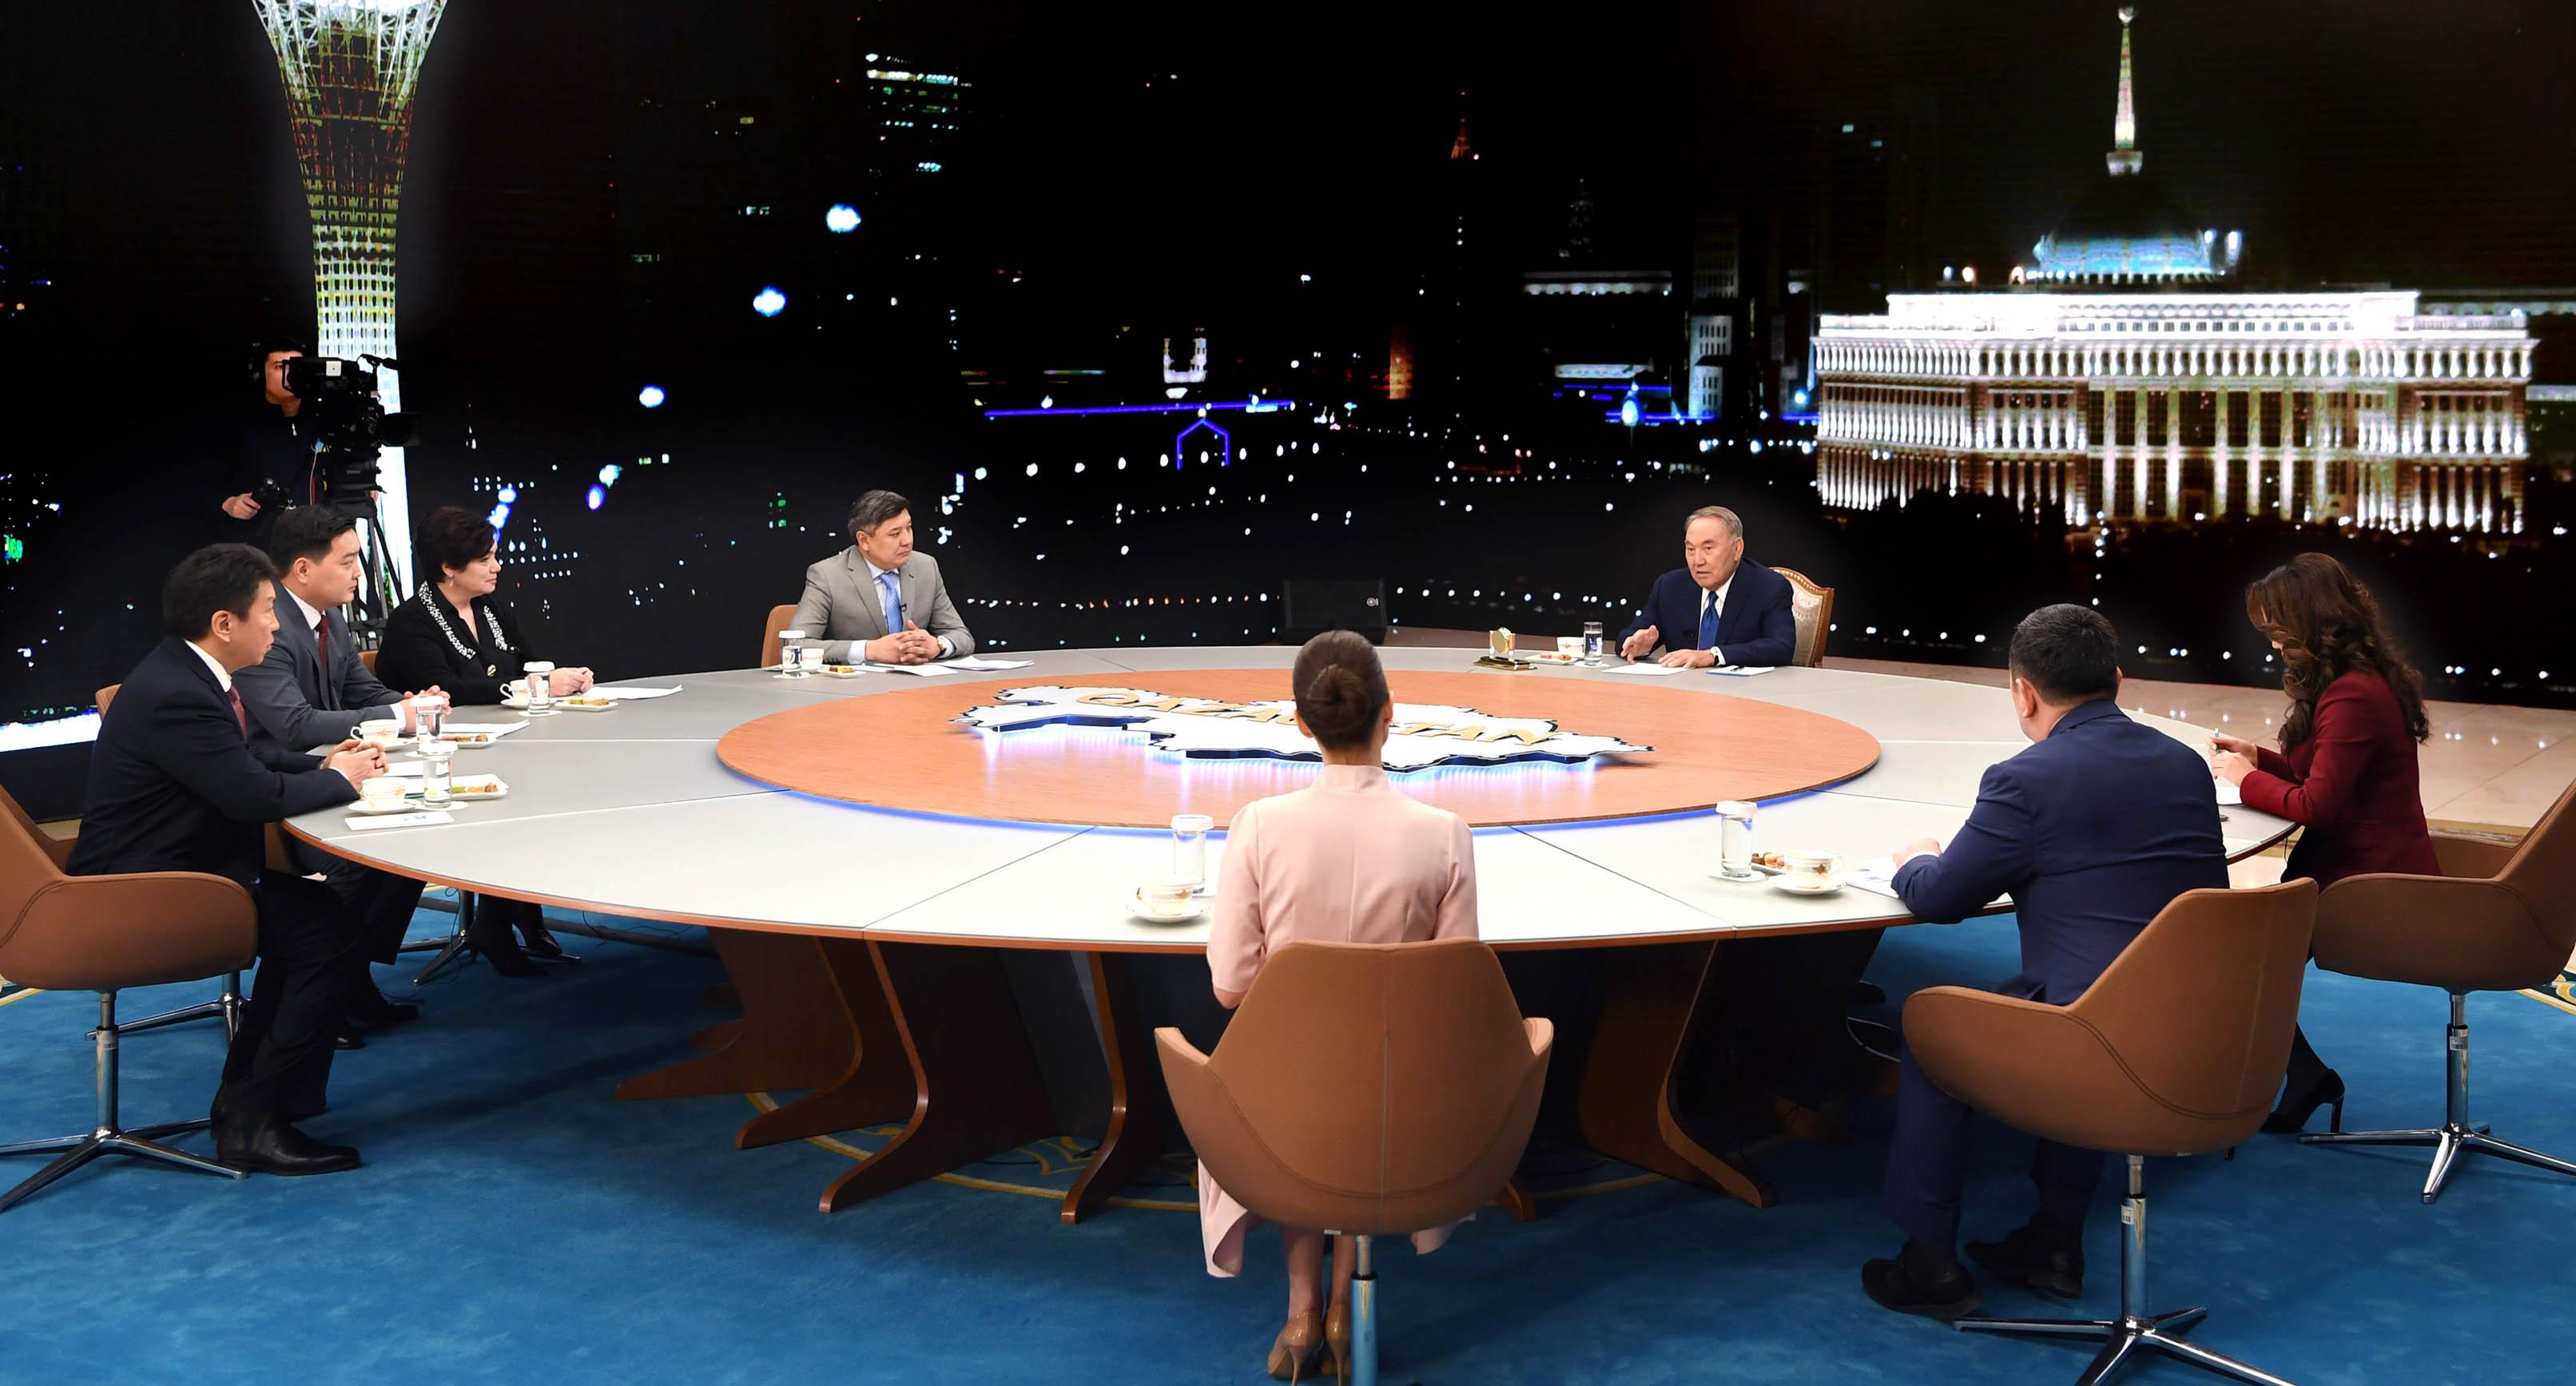 Нұрсұлтан Назарбаев: Олардың не істеп жатқанын ешкім білмейді